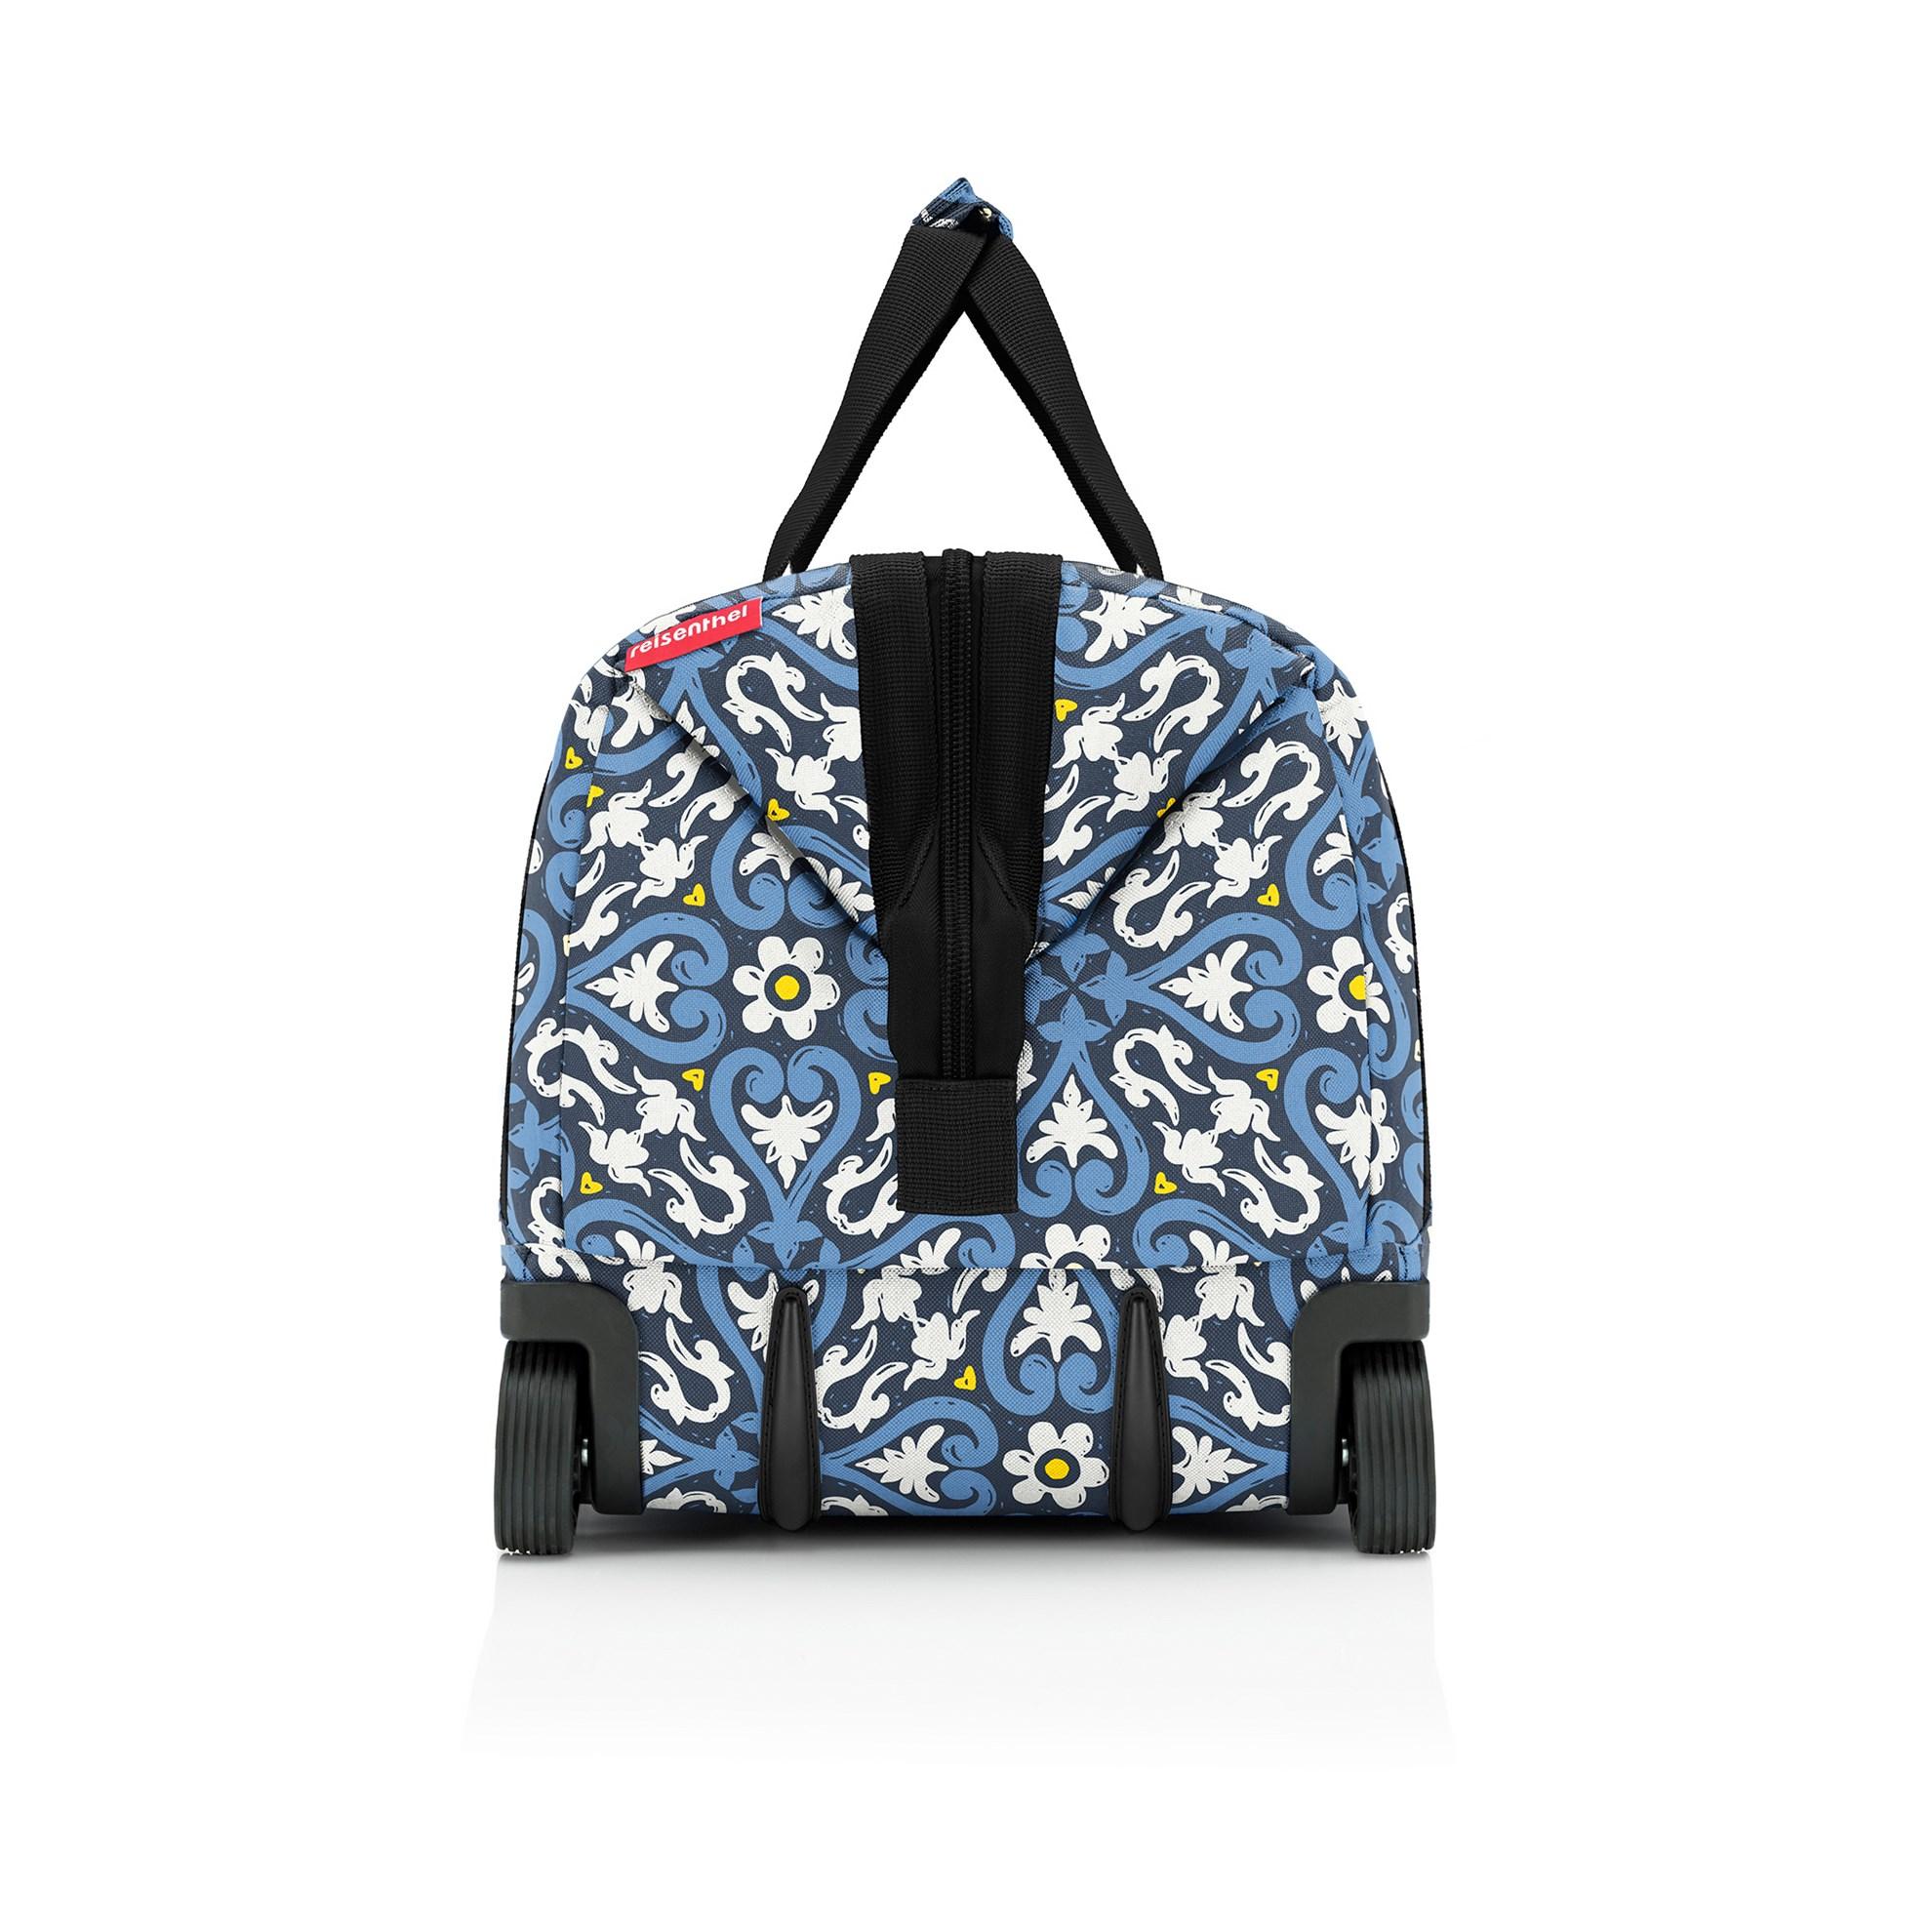 Cestovní taška na kolečkách Allrounder trolley floral 1_5